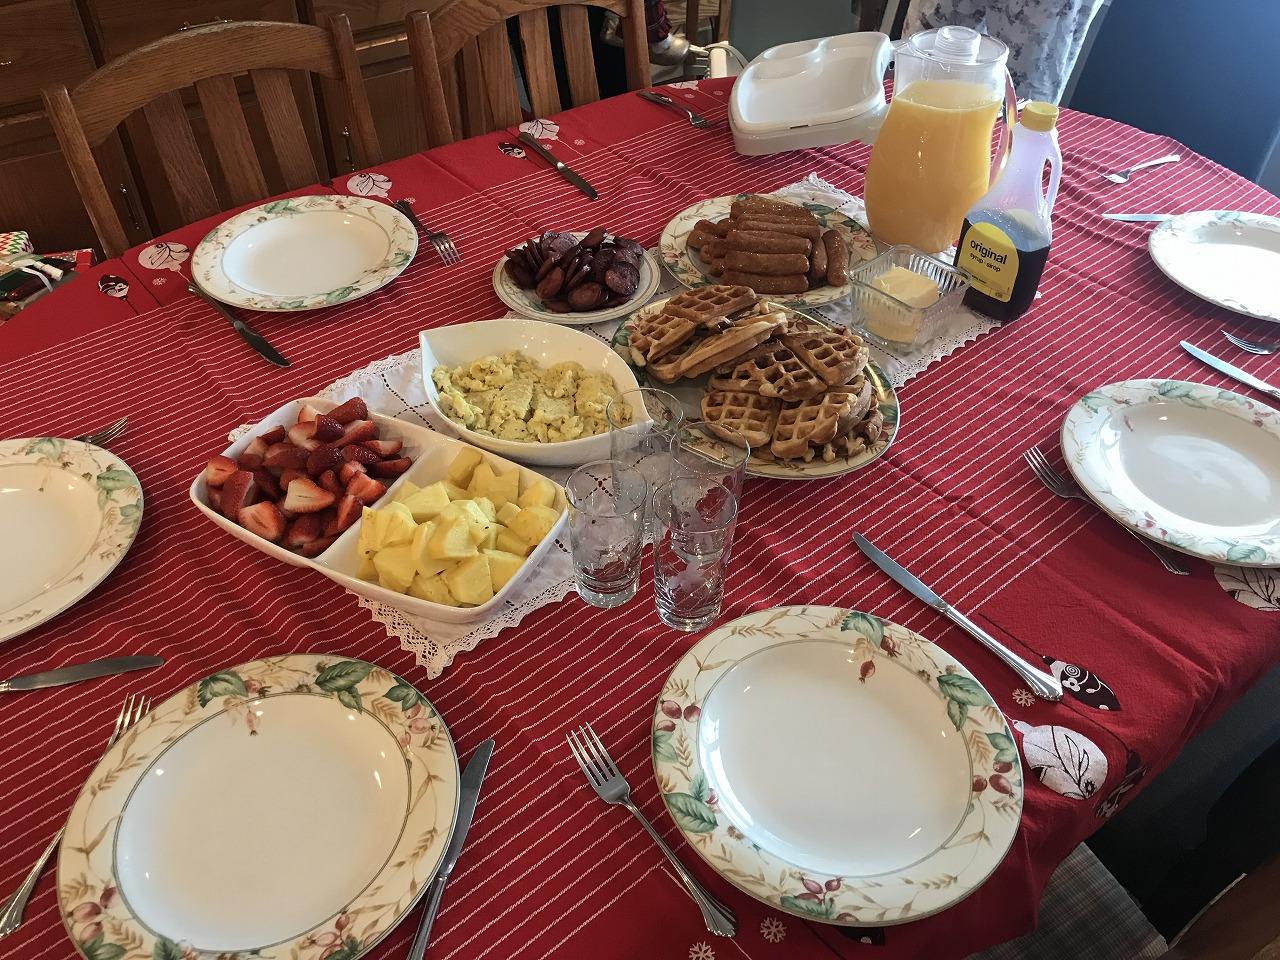 ブランチ。ワッフルやカットフルーツなどシンプルなもの。テーブルクロスがクリスマスさを演出しています。